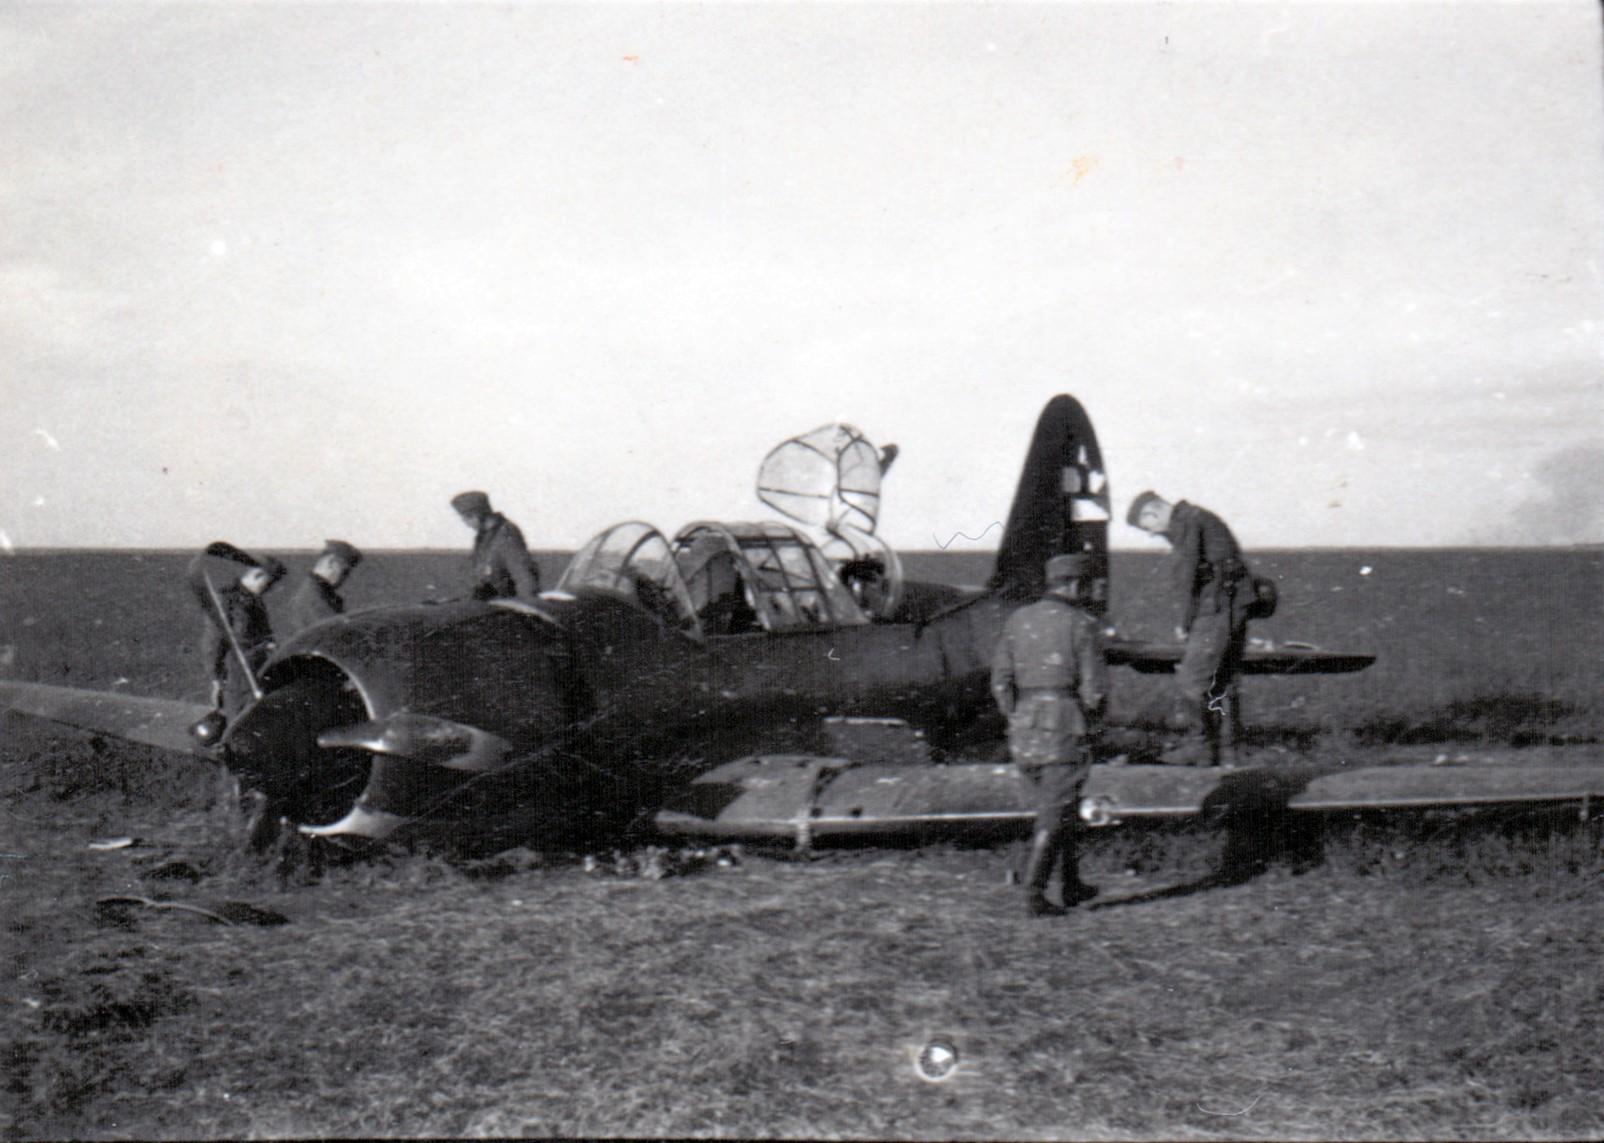 Радянський бомбардувальник СУ-2, збитий неподалік Кобеляк. Чинейого бачив 11 вересня Я.М.Романко? Фото із зібранняМ. Милько. Публікується вперше.